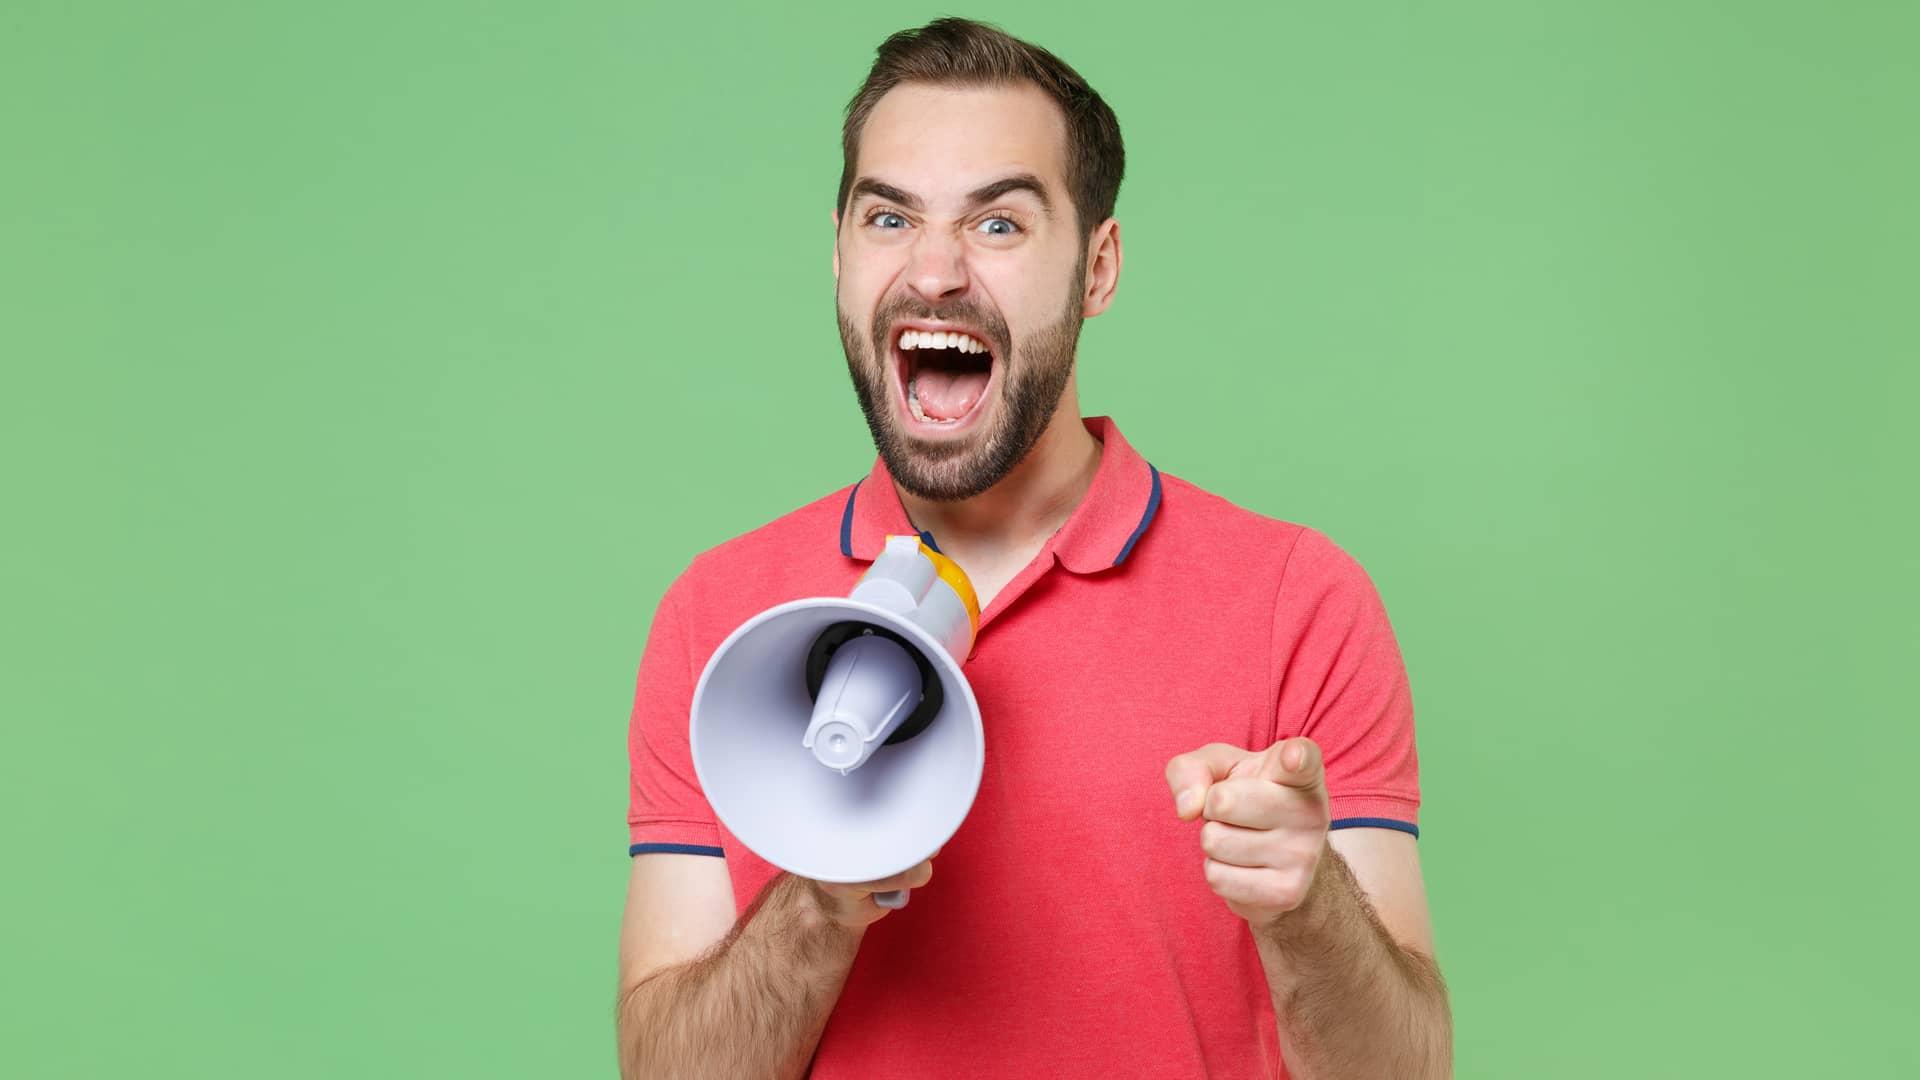 Diferentes iconos simbolizan la opinión sobre guuk